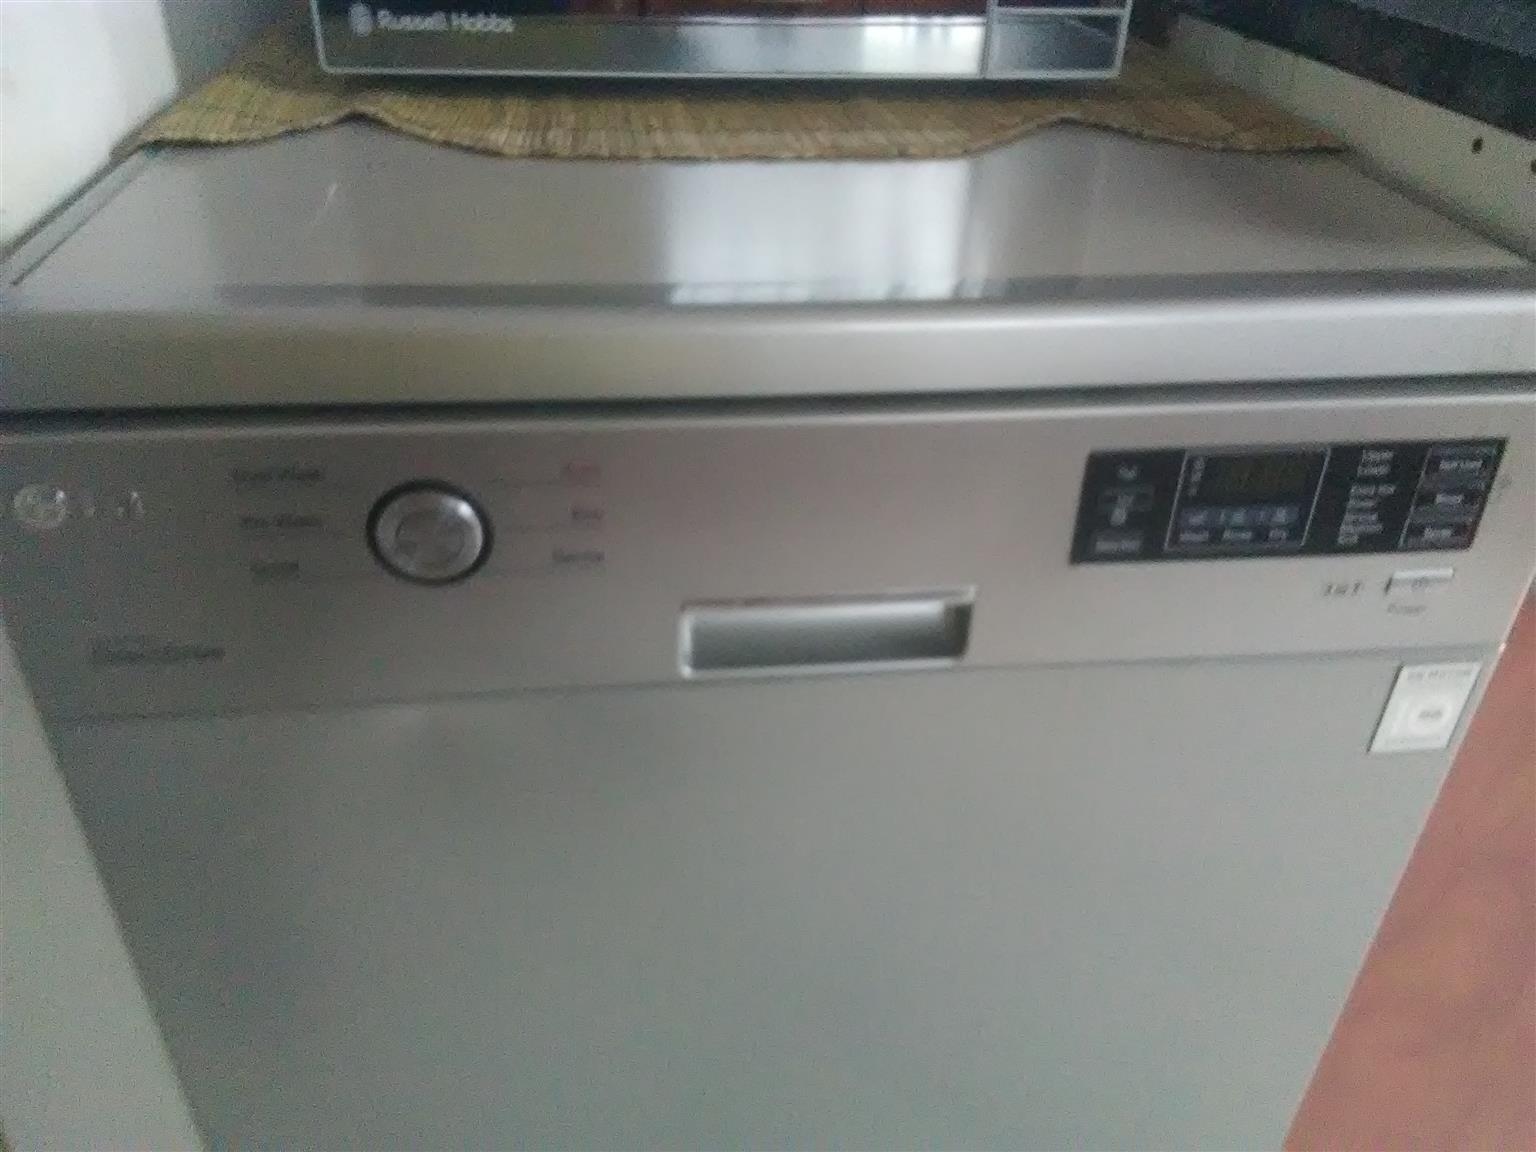 LG-Dishwashing machine